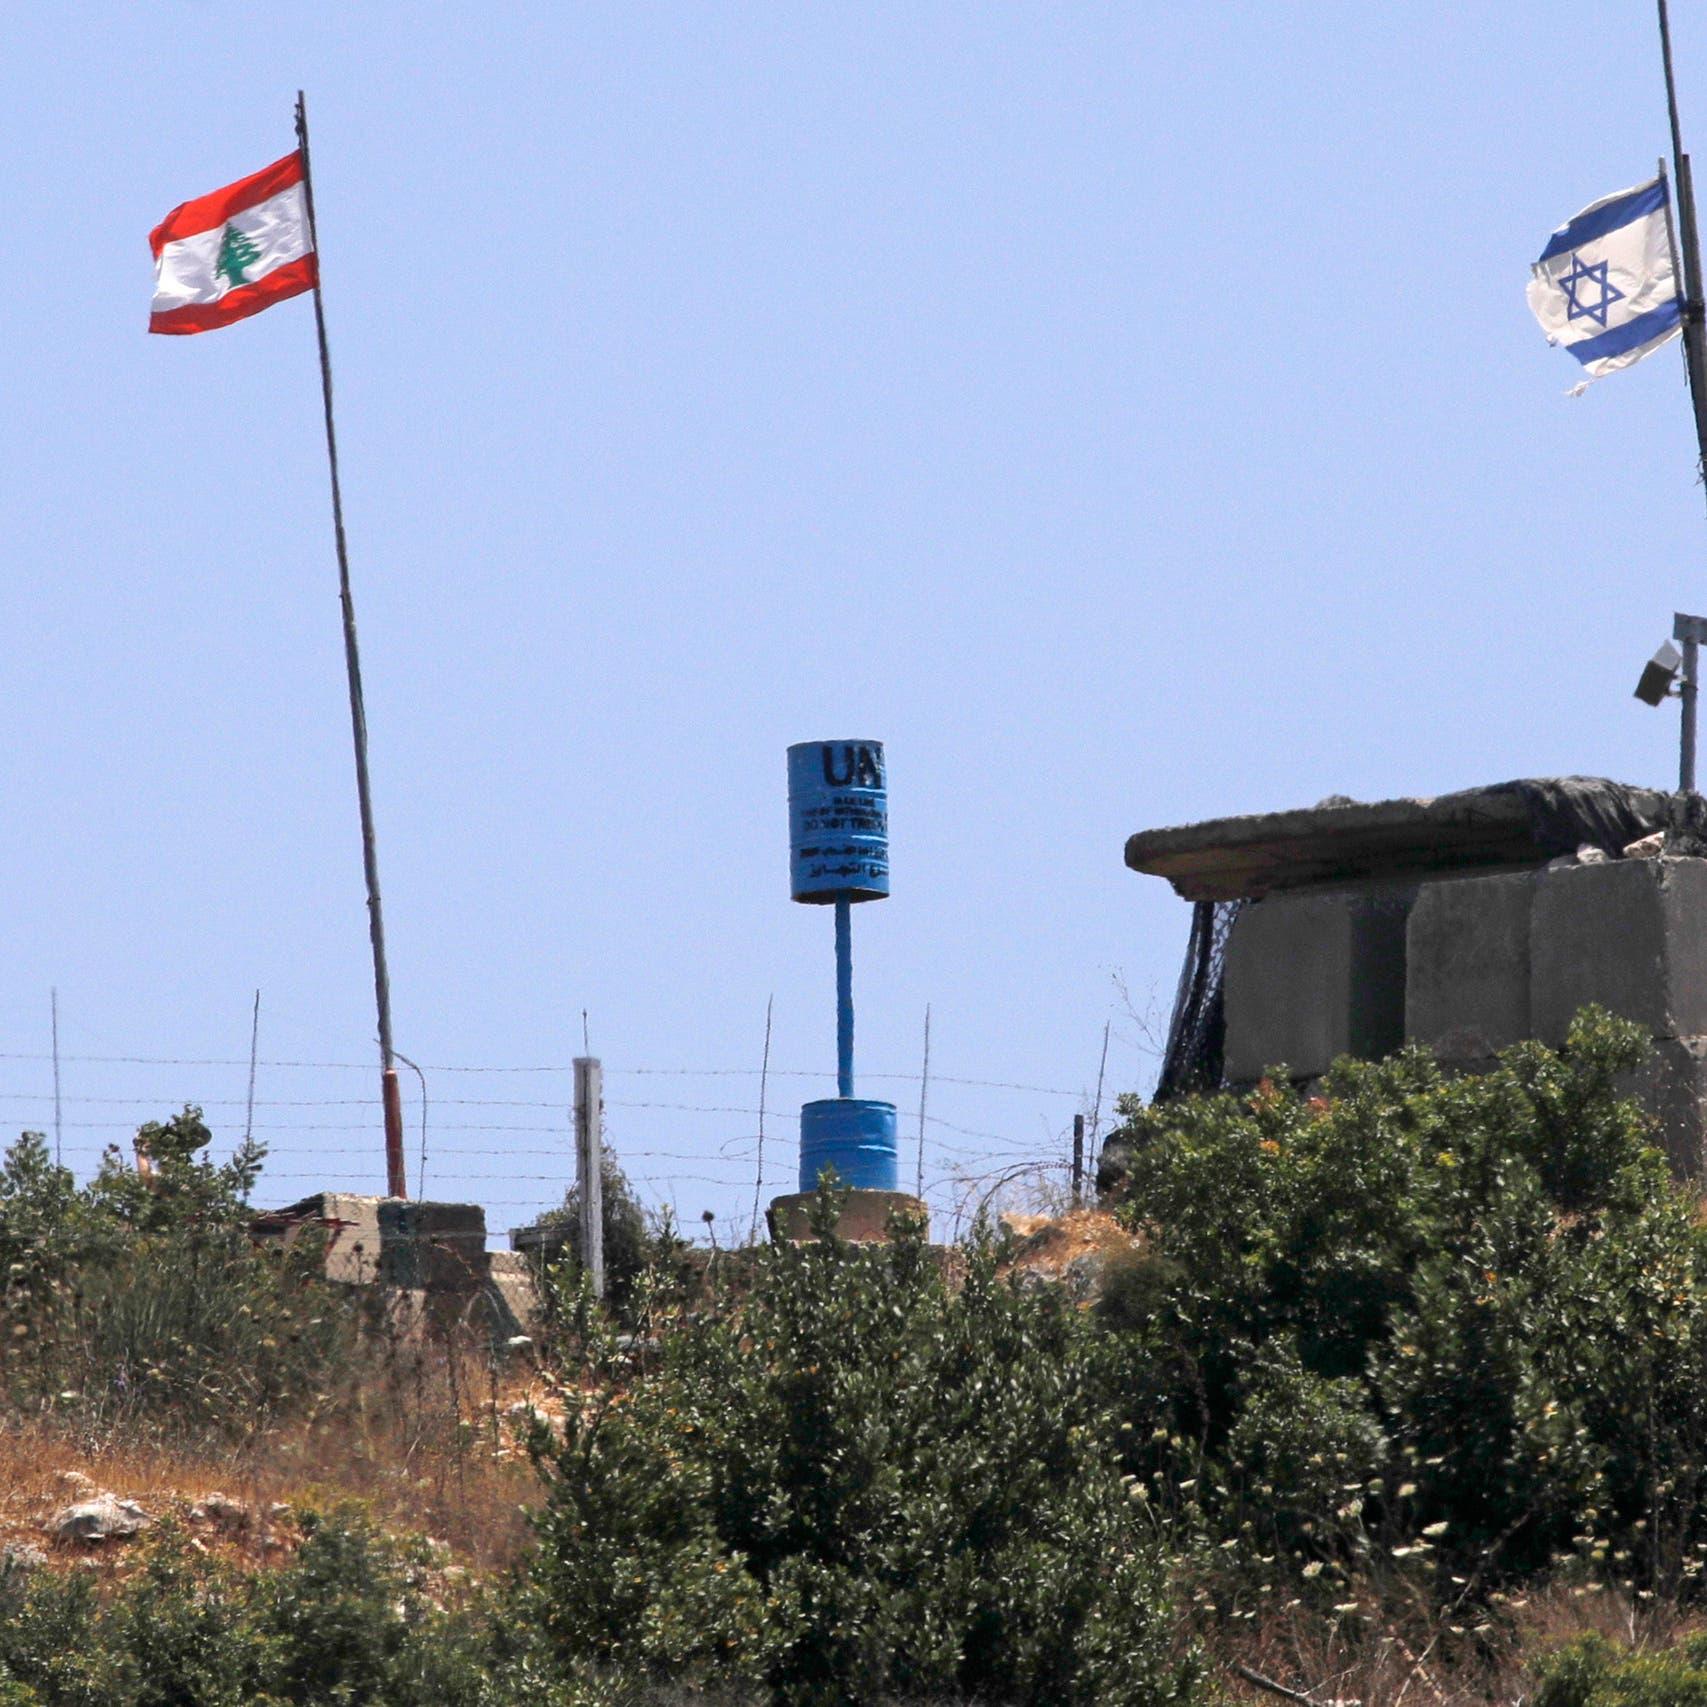 شرطان لمساعدة لبنان.. الترسيم وضبط حزب الله